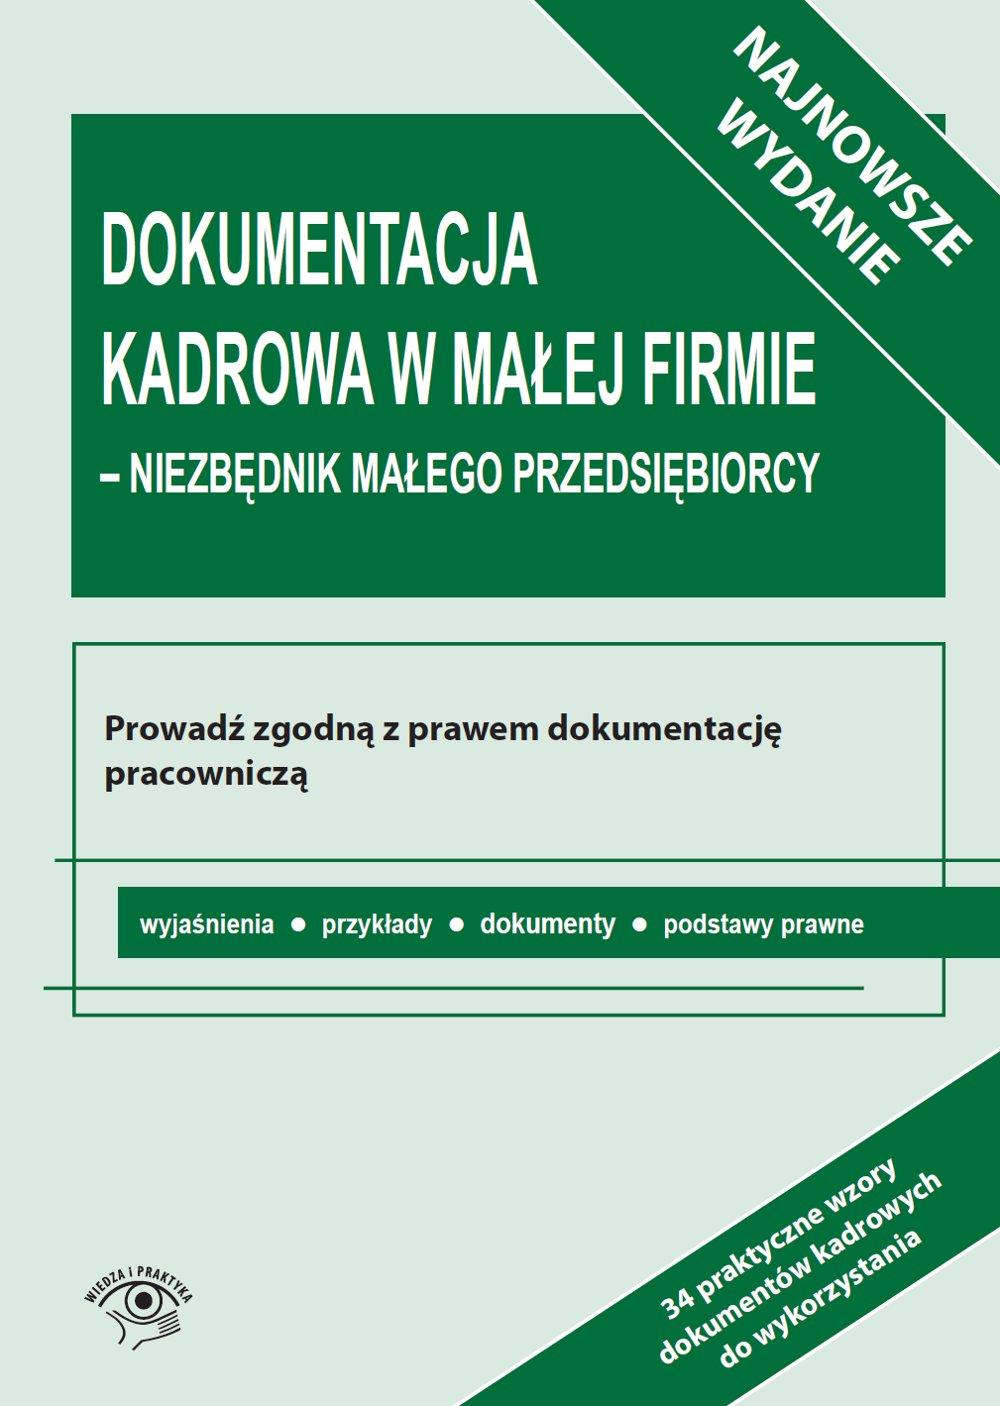 Dokumentacja kadrowa w małej firmie - niezbędnik małego przedsiębiorcy - Ebook (Książka PDF) do pobrania w formacie PDF